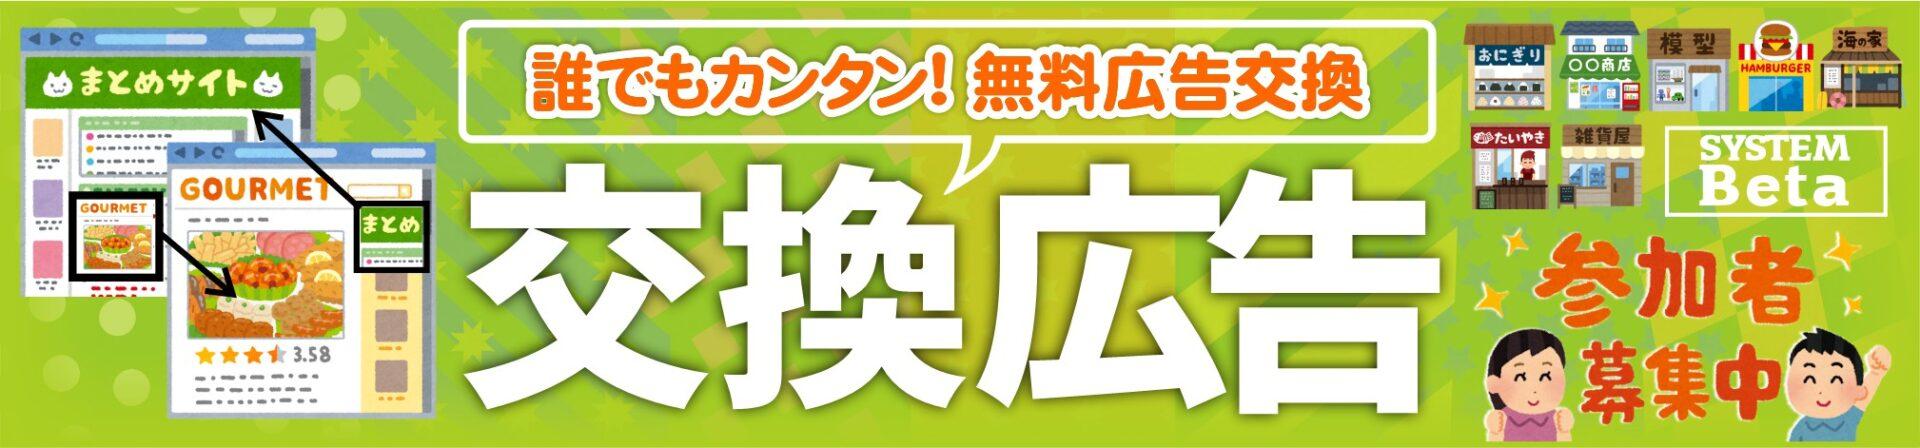 ZERO円広告ドットコム